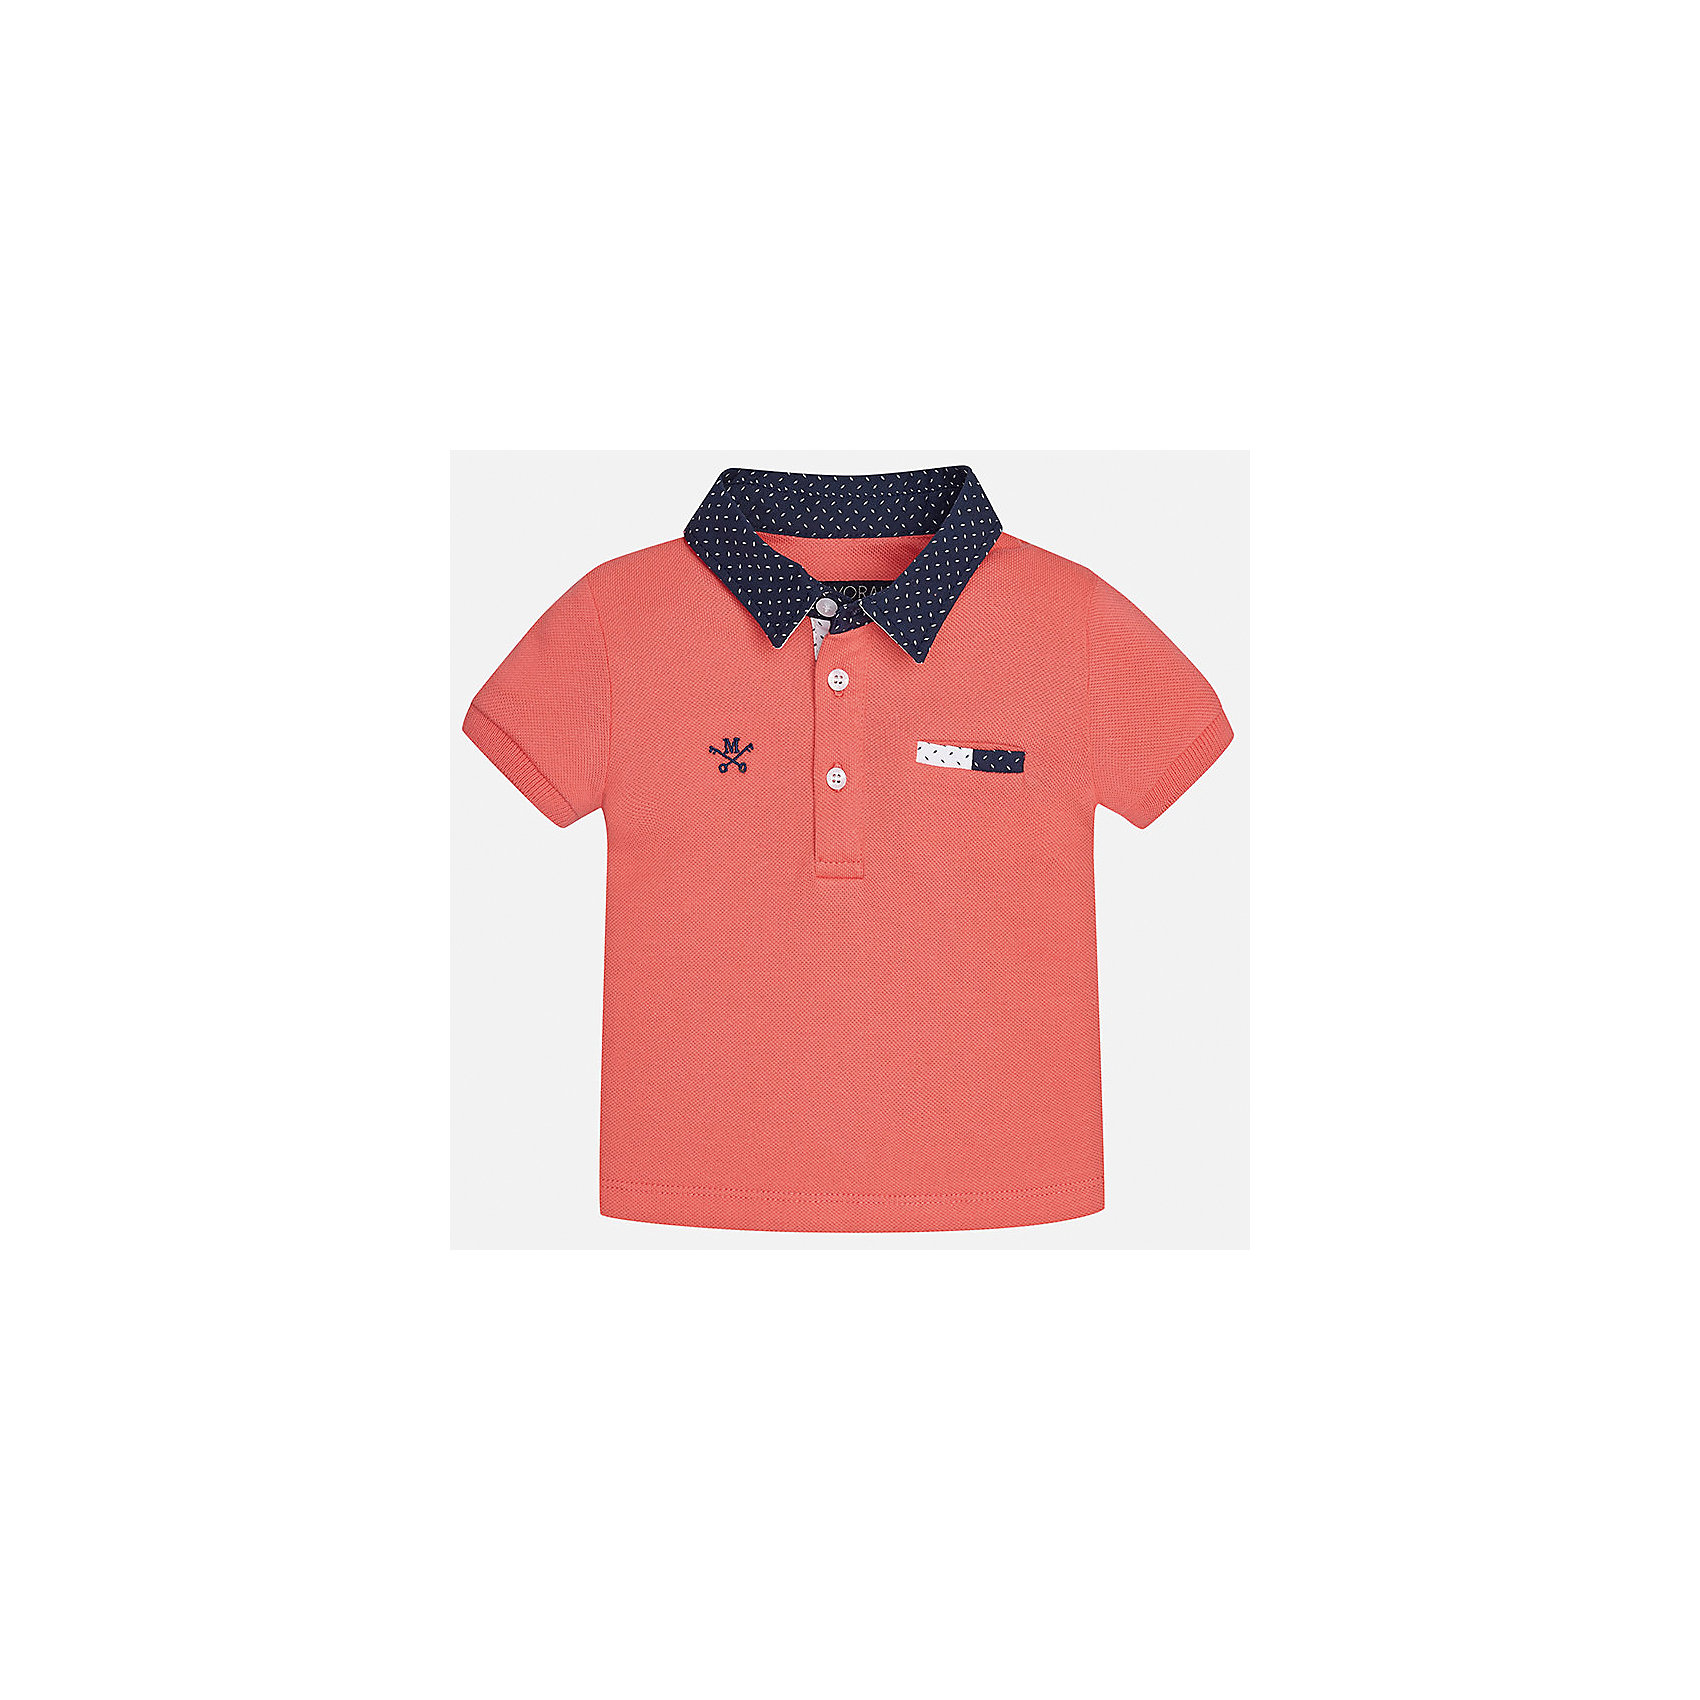 Футболка-поло для мальчика MayoralХарактеристики товара:<br><br>• цвет: красный<br>• состав: 100% хлопок<br>• отложной воротник<br>• короткие рукава<br>• застежка: пуговицы<br>• декорирована вышивкой<br>• страна бренда: Испания<br><br>Футболка-поло для мальчика может стать базовой вещью в гардеробе ребенка. Она отлично сочетается с брюками, шортами, джинсами и т.д. Универсальный крой и цвет позволяет подобрать к вещи низ разных расцветок. Практичное и стильное изделие! В составе материала - только натуральный хлопок, гипоаллергенный, приятный на ощупь, дышащий.<br><br>Одежда, обувь и аксессуары от испанского бренда Mayoral полюбились детям и взрослым по всему миру. Модели этой марки - стильные и удобные. Для их производства используются только безопасные, качественные материалы и фурнитура. Порадуйте ребенка модными и красивыми вещами от Mayoral! <br><br>Футболку-поло для мальчика от испанского бренда Mayoral (Майорал) можно купить в нашем интернет-магазине.<br><br>Ширина мм: 199<br>Глубина мм: 10<br>Высота мм: 161<br>Вес г: 151<br>Цвет: розовый<br>Возраст от месяцев: 12<br>Возраст до месяцев: 15<br>Пол: Мужской<br>Возраст: Детский<br>Размер: 80,92,86<br>SKU: 5279402